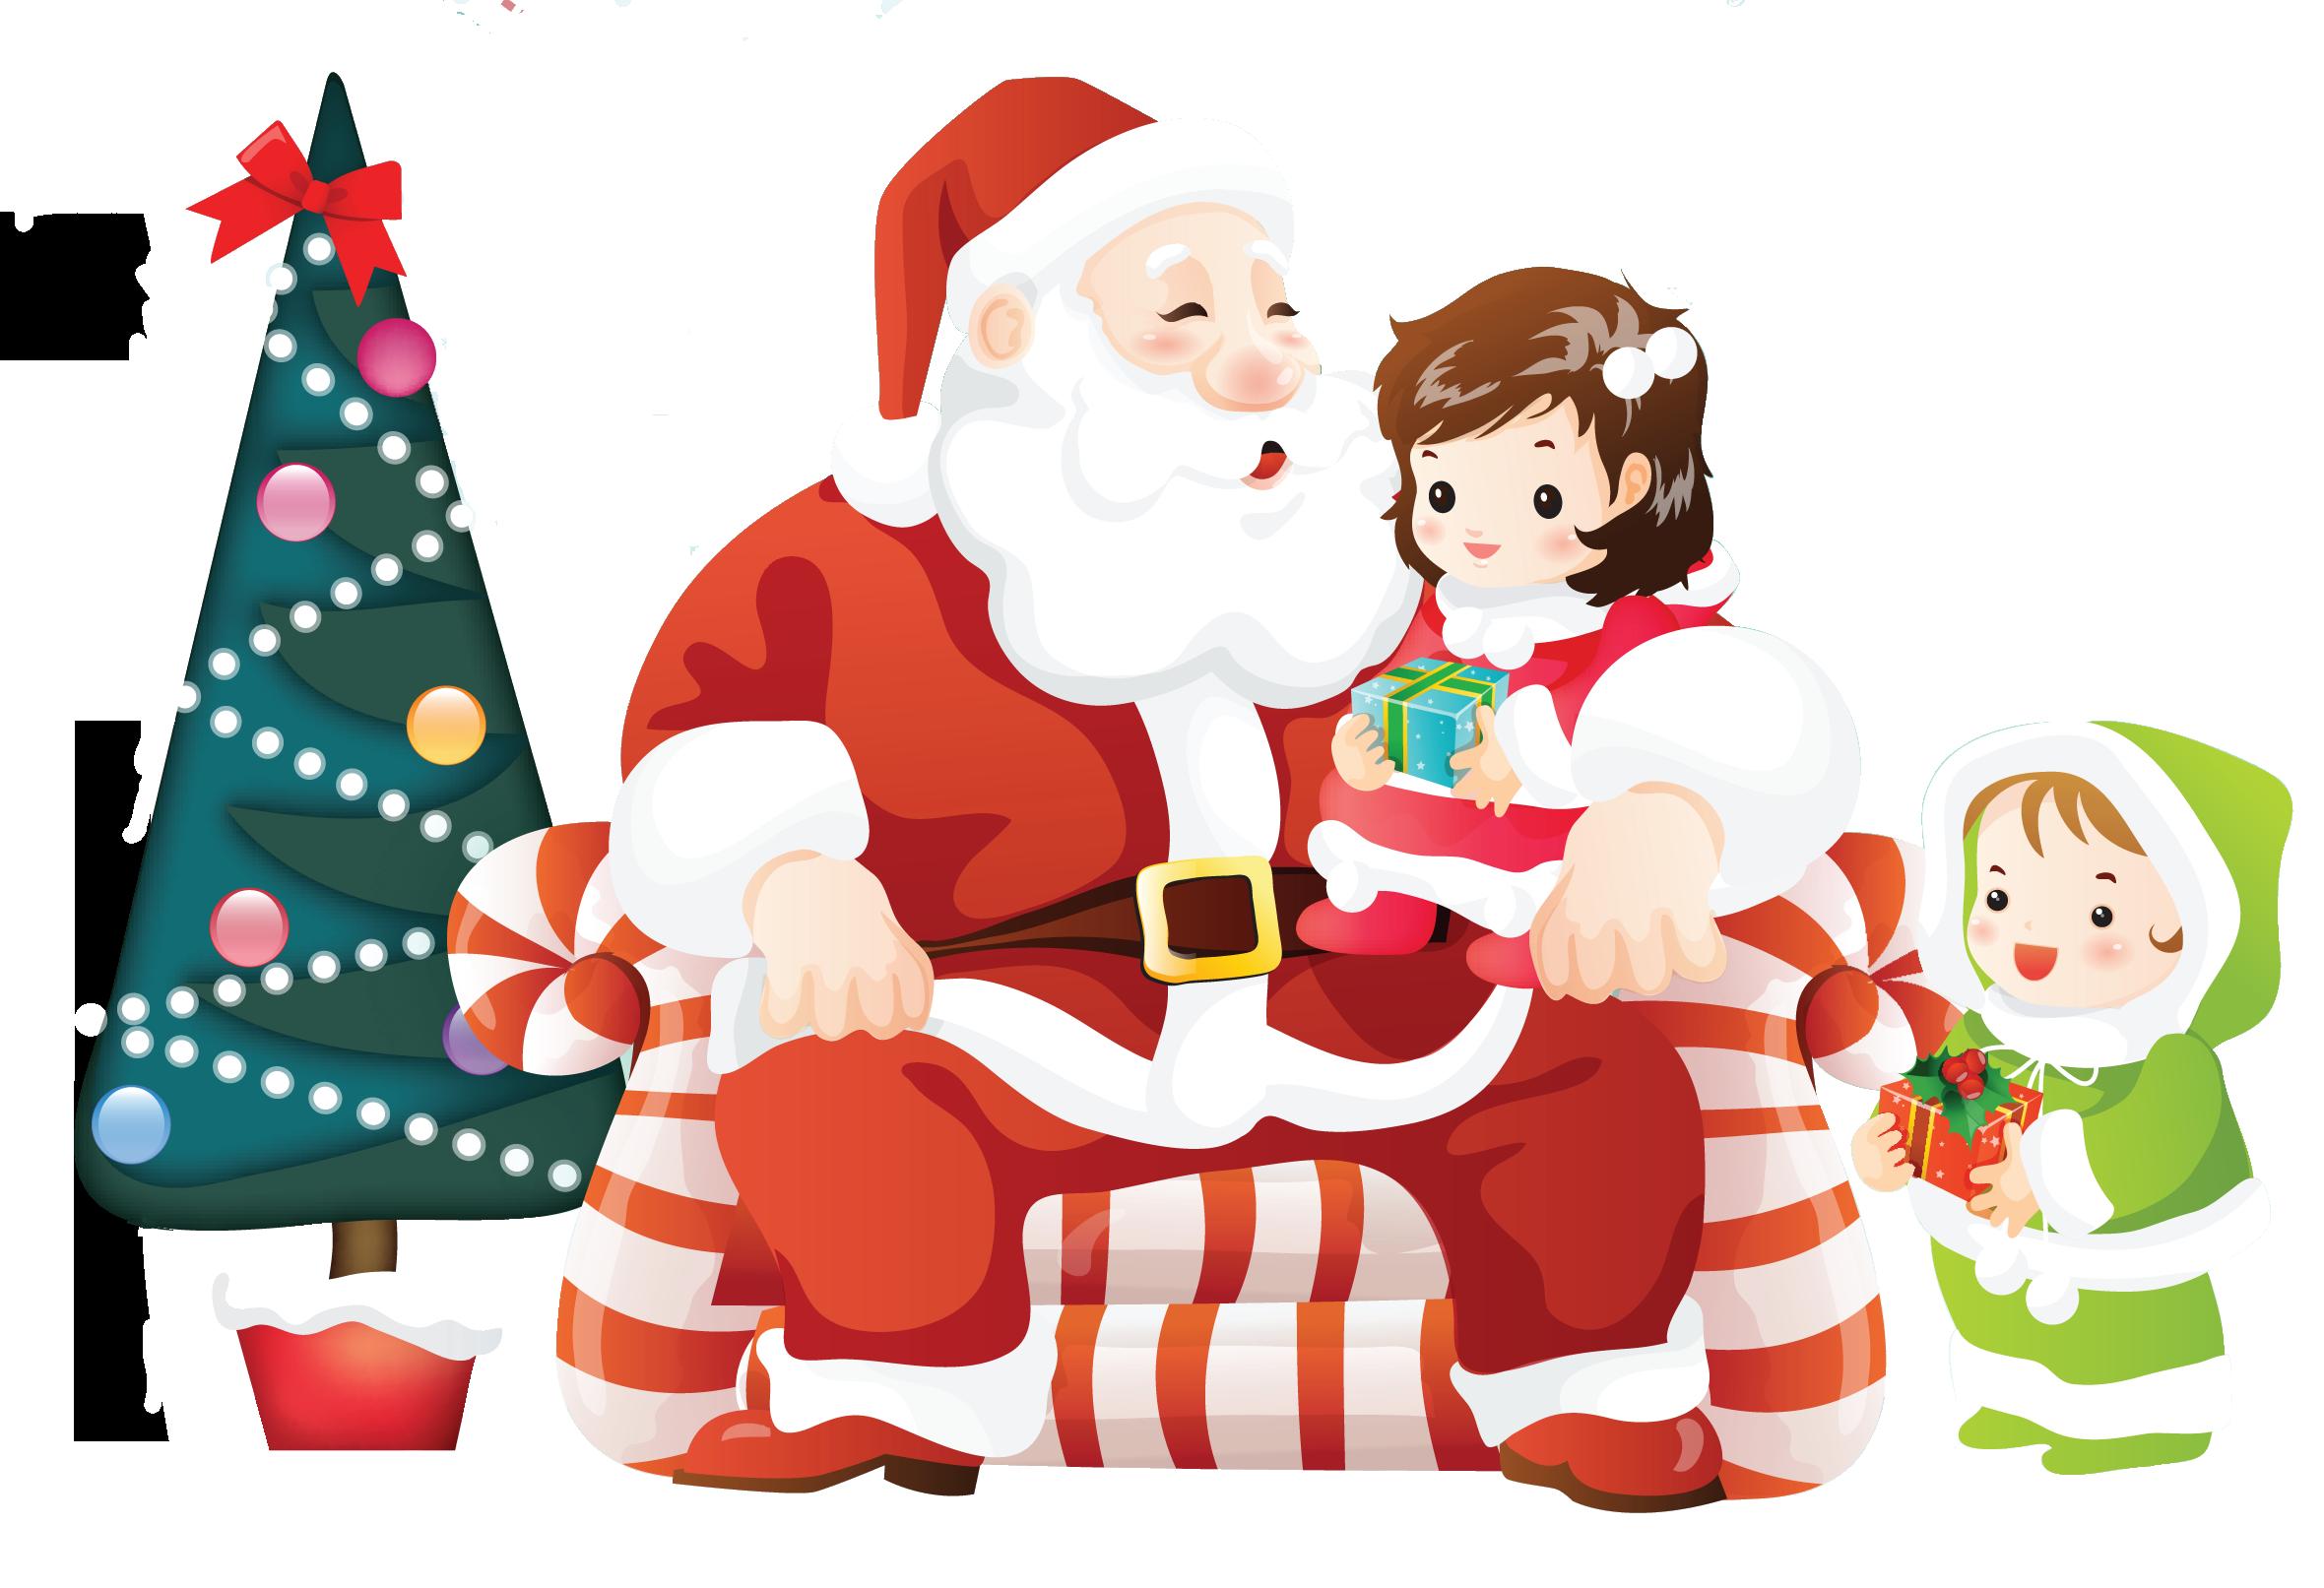 Boîte De Cadeau Le Jour De Noël Clip Art: Cadeaux De Noel